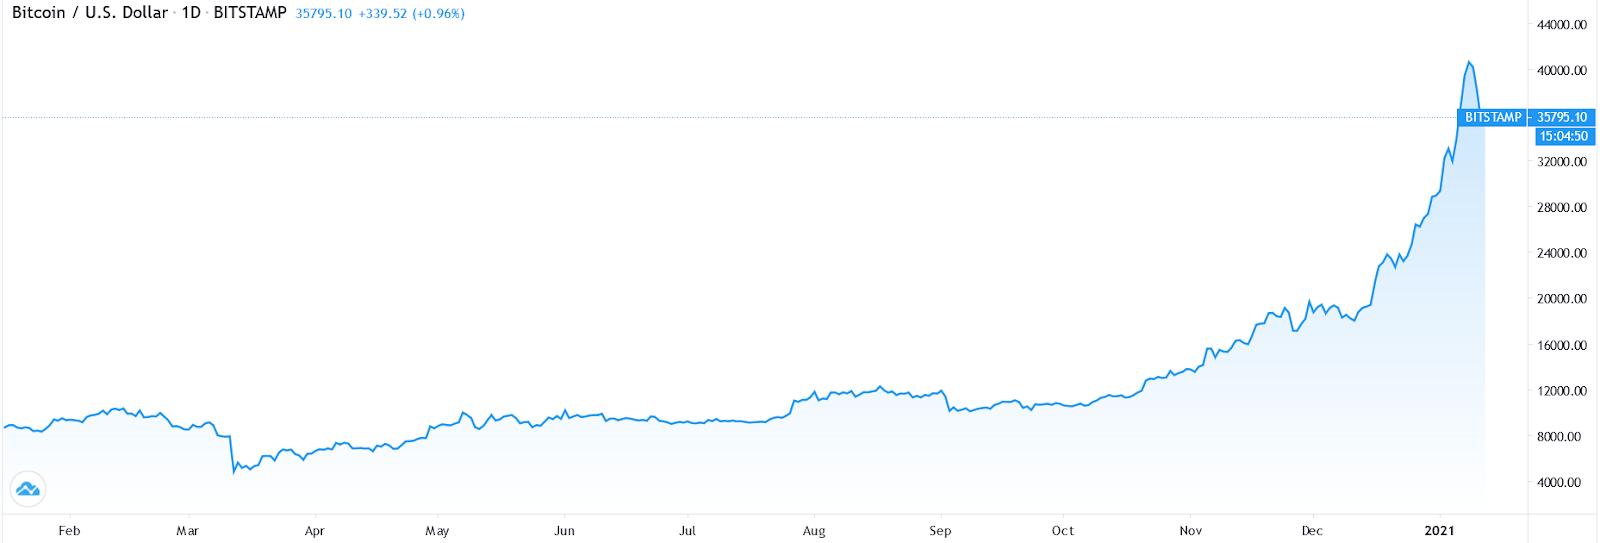 gráfico do preço do bitcoin em dólar